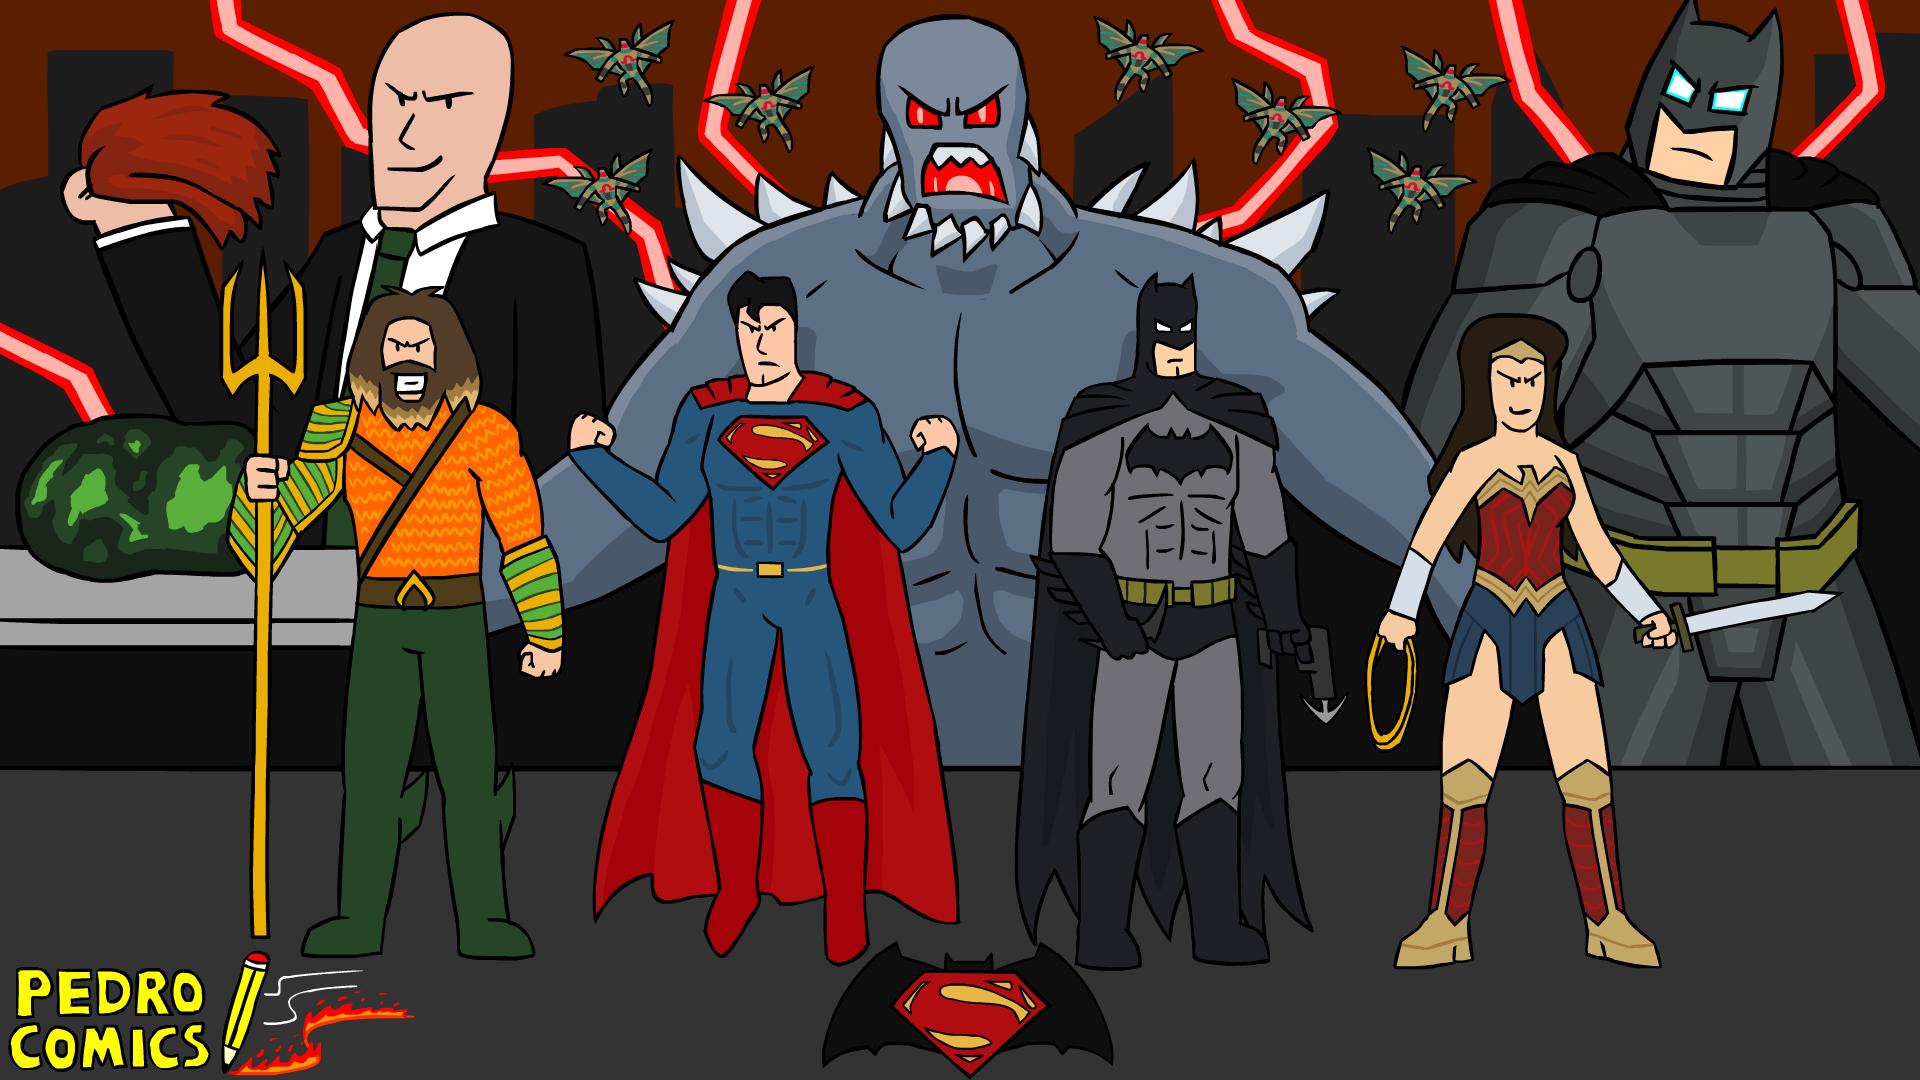 Beautiful Wallpaper Halloween Batman - batman_v_superman__dawn_of_justice_wallpaper_by_pedrocomics-d9wpkqq  Snapshot_209164.png